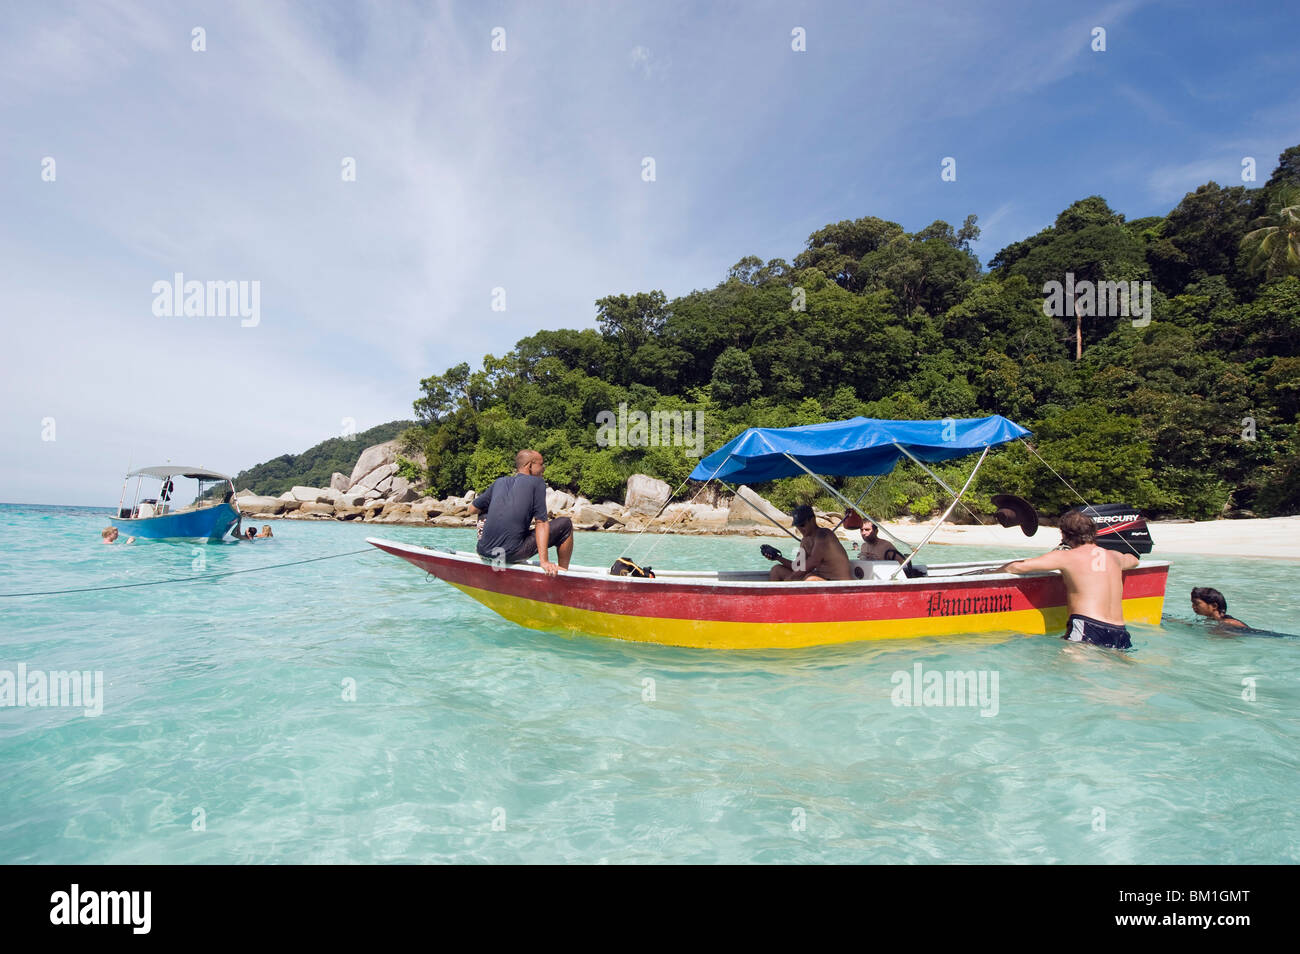 Viaje en barco en las islas Perhentian, Estado de Terengganu, Malasia, Sudeste Asiático, Asia Foto de stock